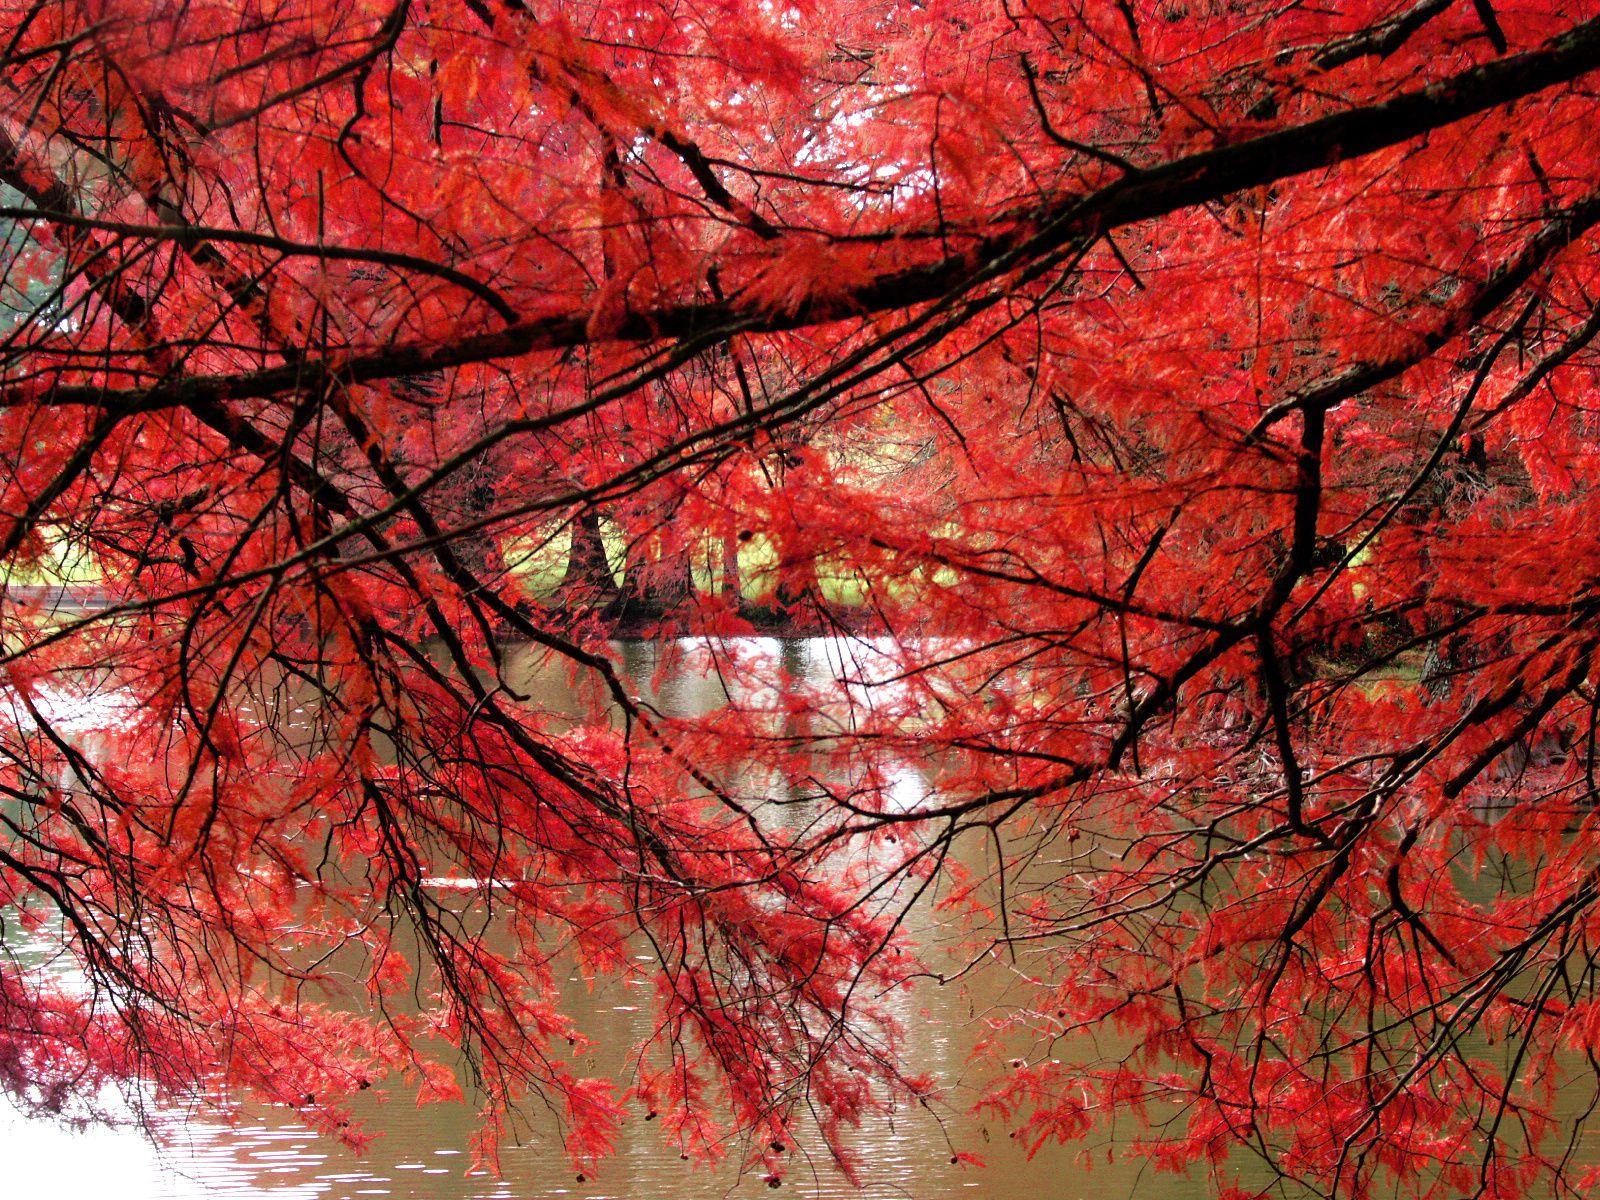 arbres - feuilles - rouge - automne - wallpaper - free - le blog de